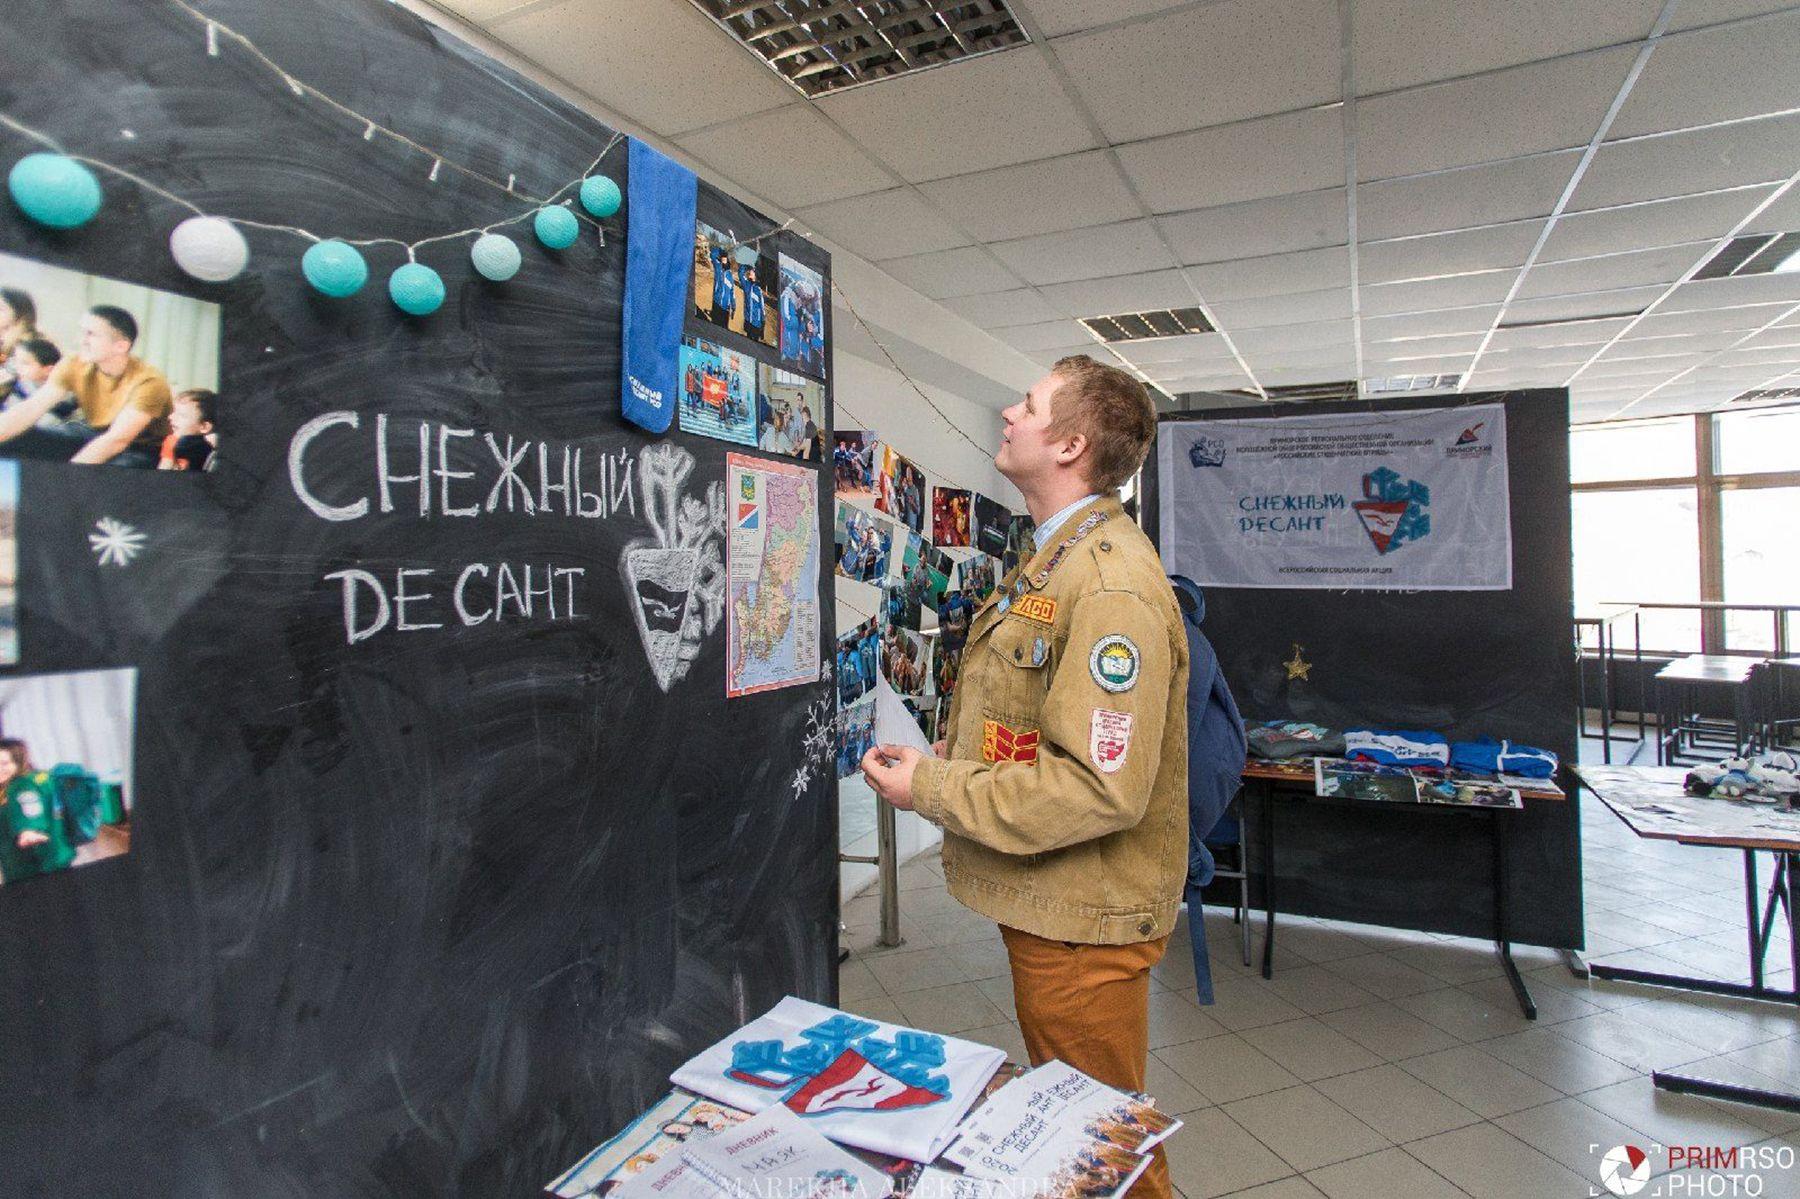 «Снежный десант» во ВГУЭС: торжественное открытие Всероссийской социальной акции